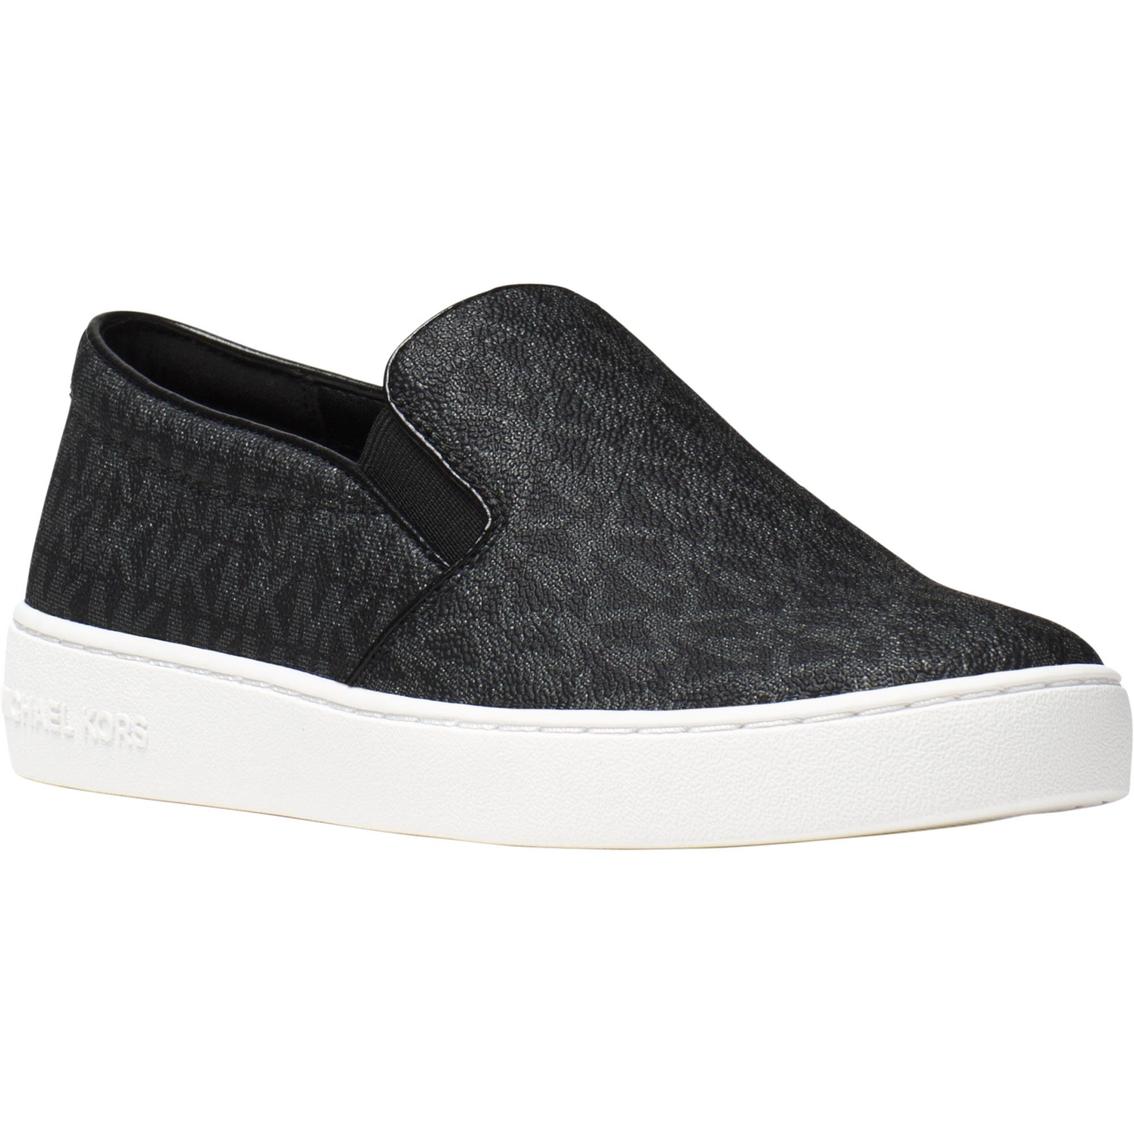 e1ffd13a2cf1 Michael Kors Keaton Canvas Slip On Shoes